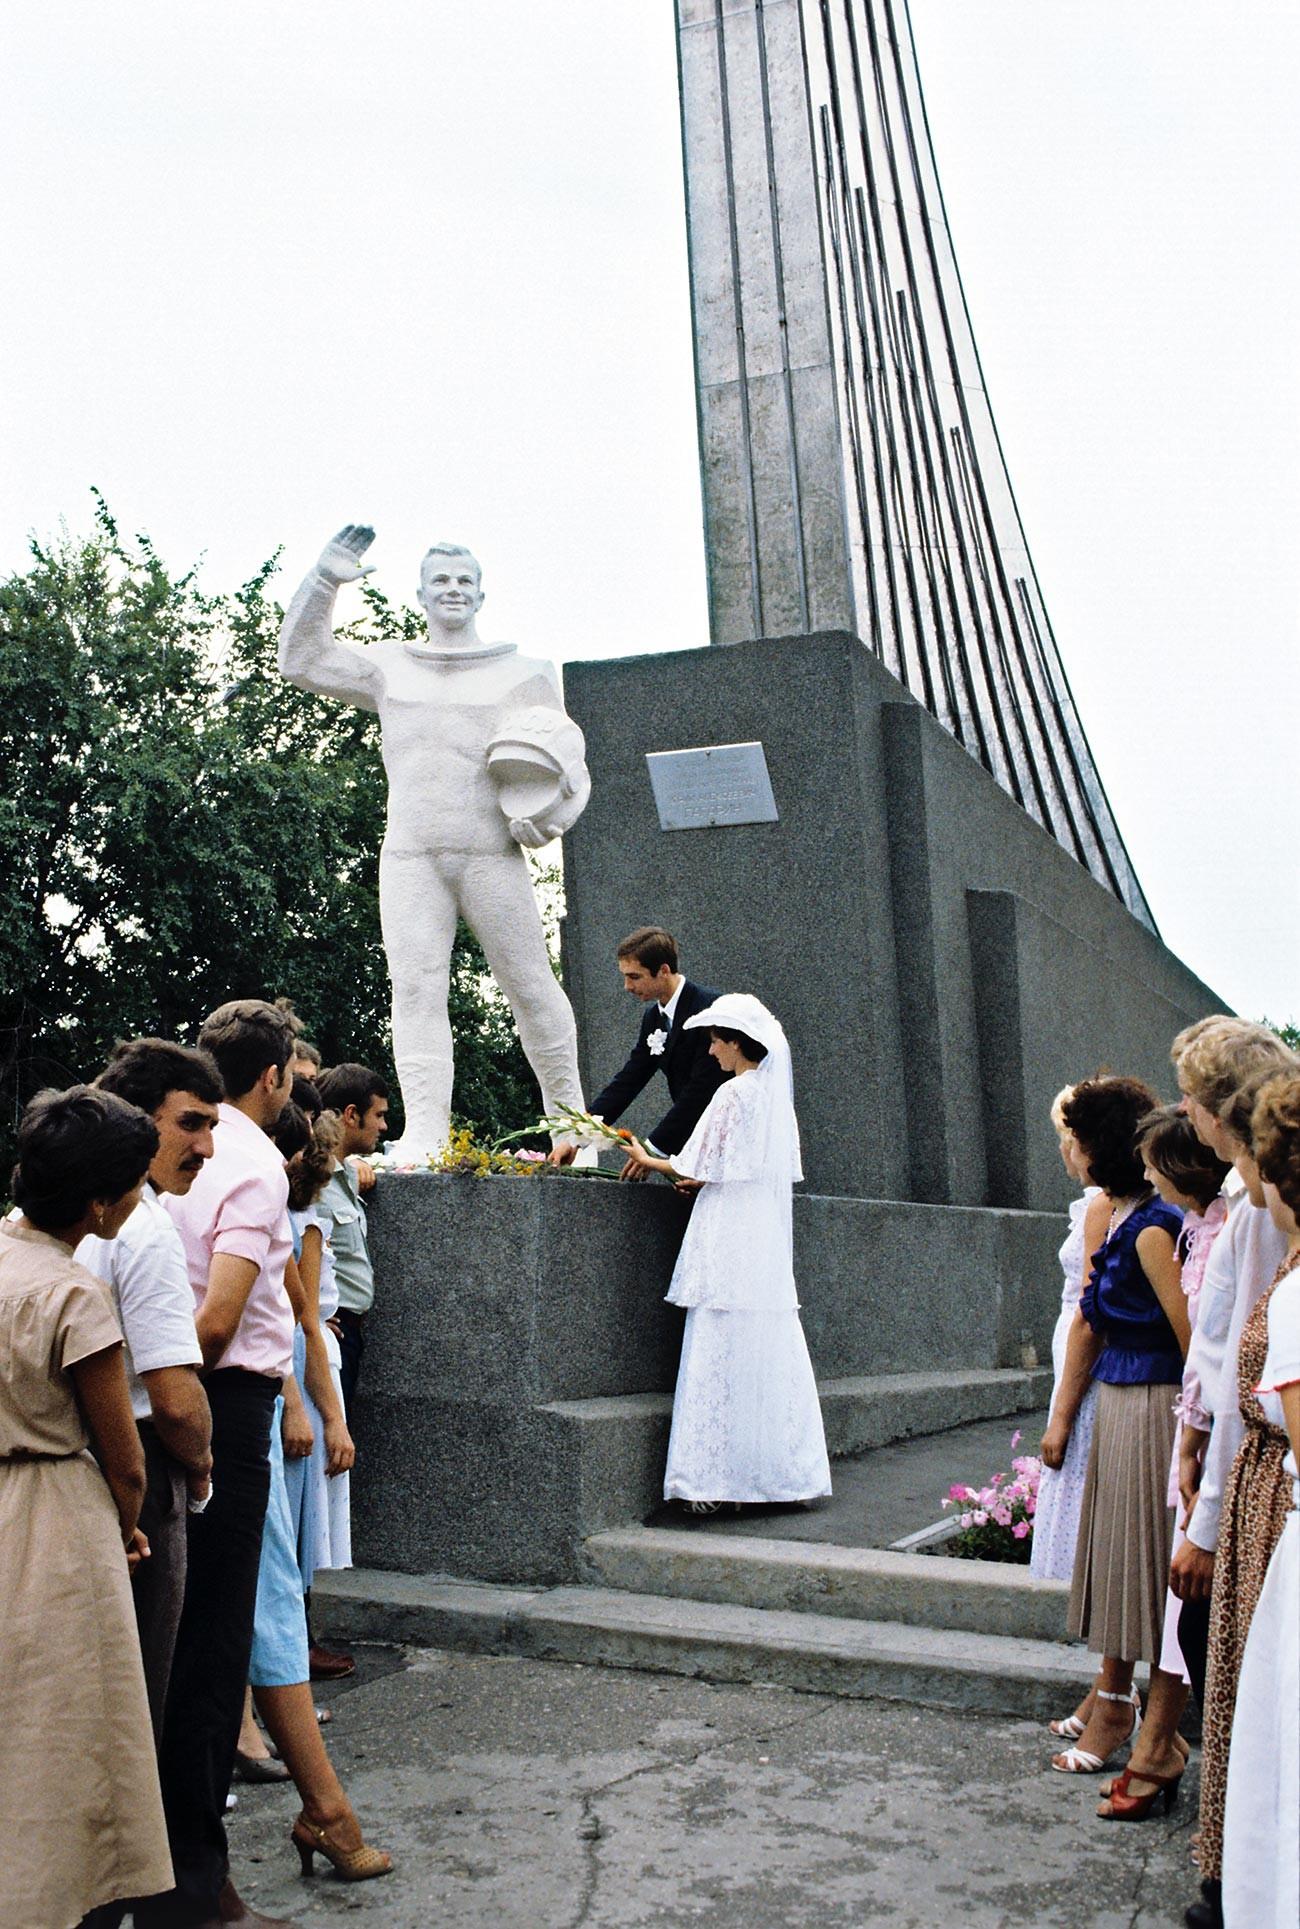 Fiori ai piedi della statua di Yurij Gagarin, eretta a 200 metri dal punto in cui atterrò il cosmonauta sovietico